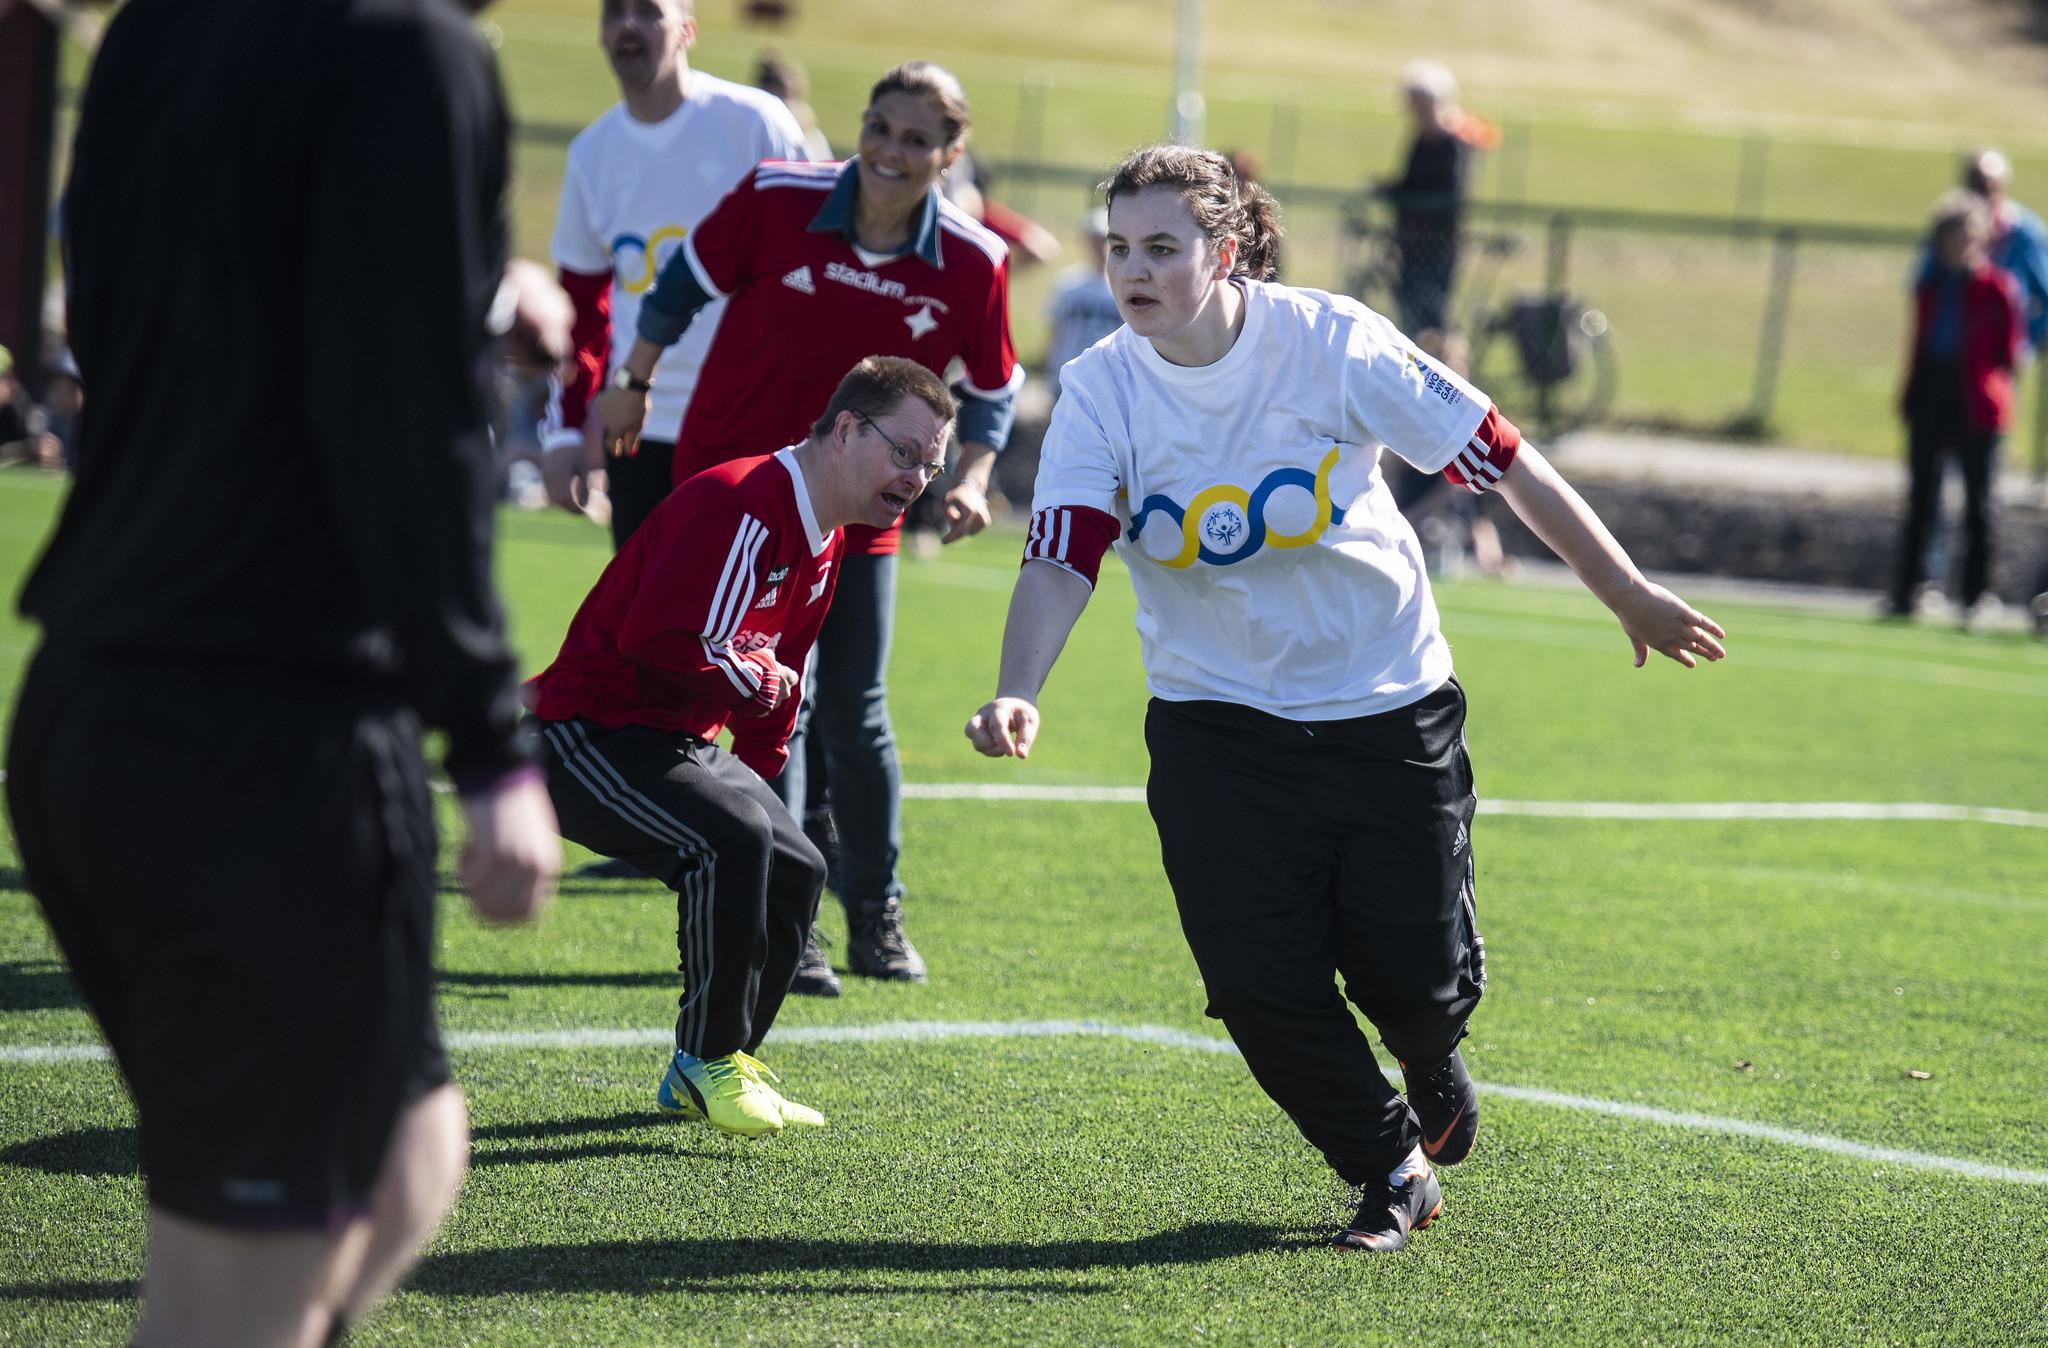 Kronprinsessan Victoria spelar parafotboll i Östersund